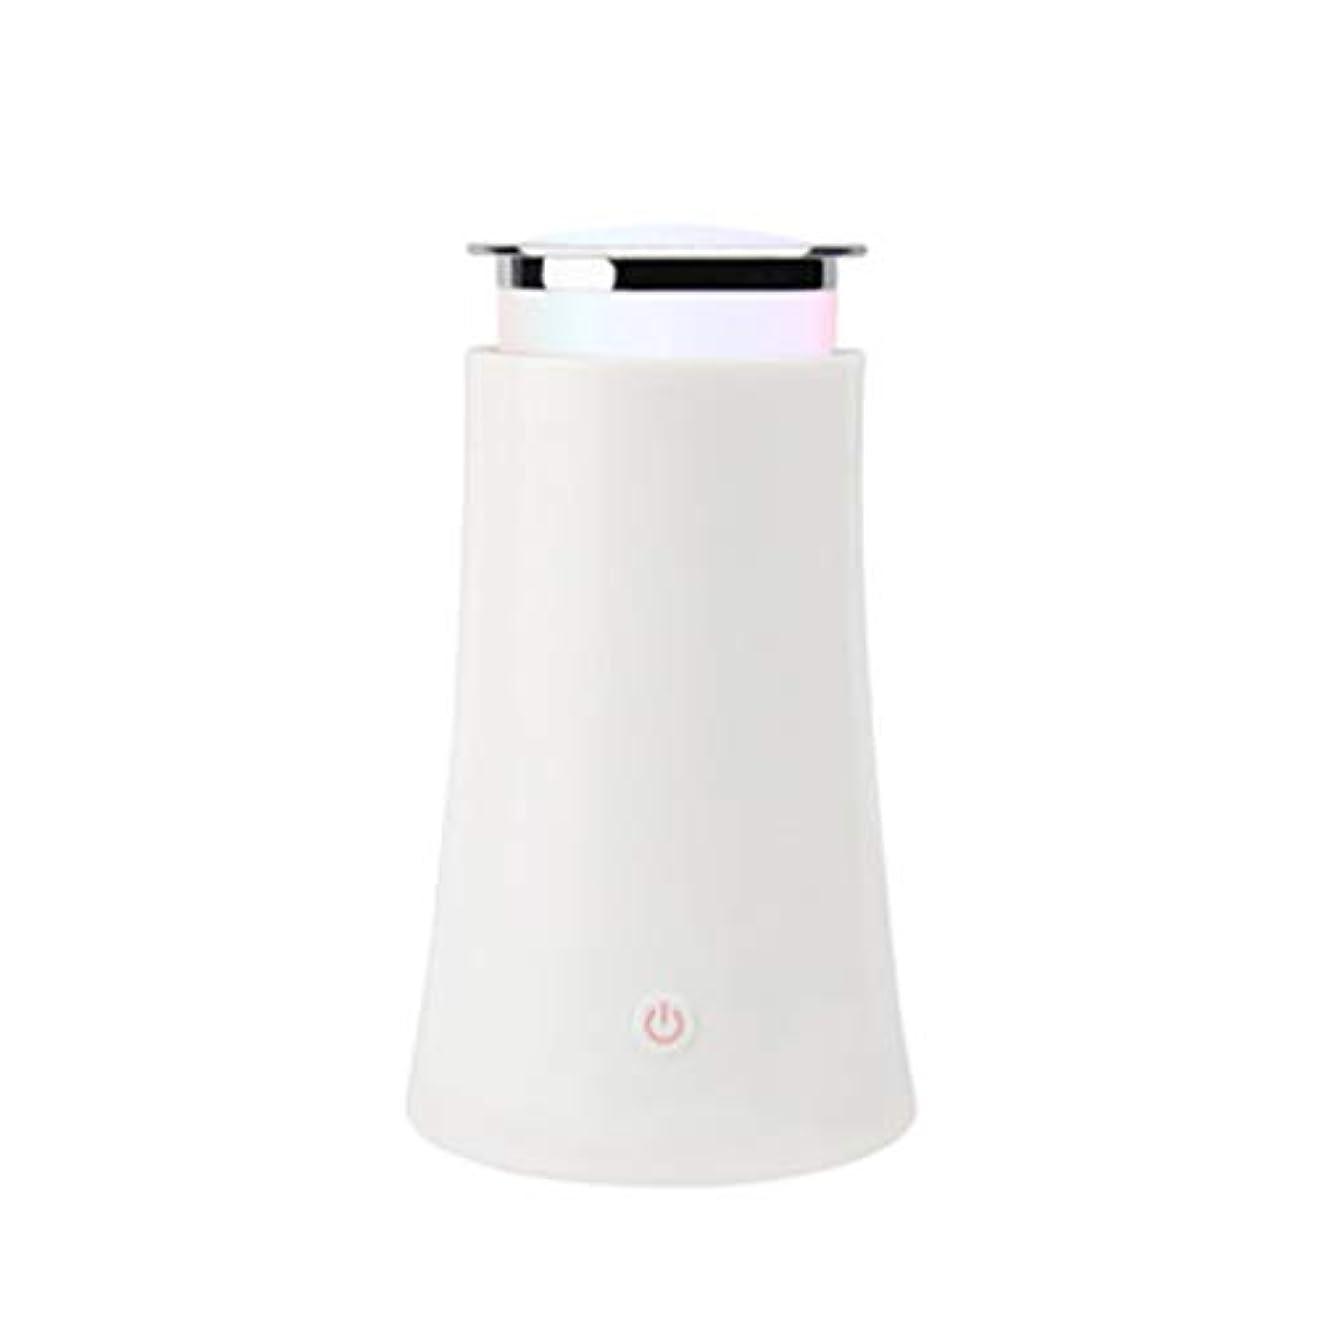 しなやかな曲がった狂人サイレントカラースプレー機超音波加湿器プラグイン加湿器香機世帯 (Color : White)